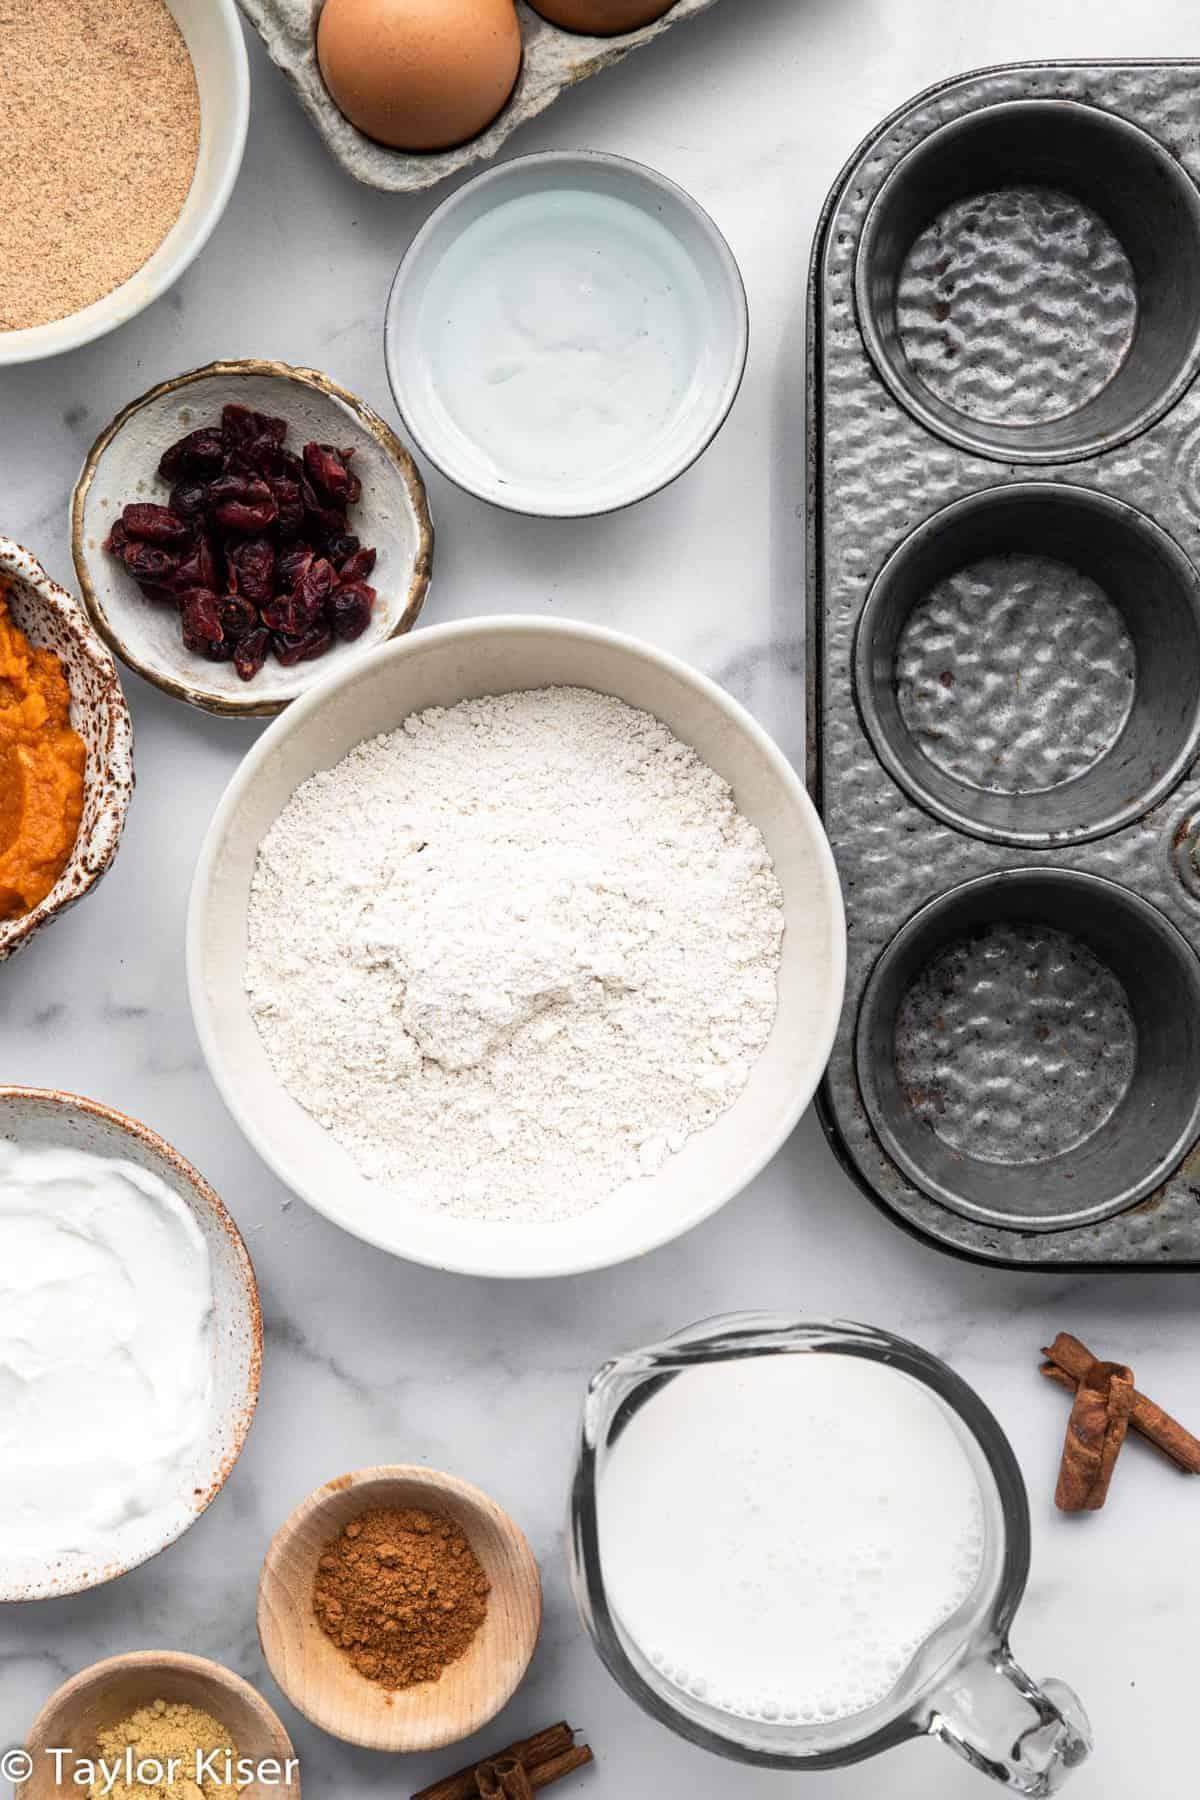 Ingredients to make gluten free pumpkin muffins in bowls